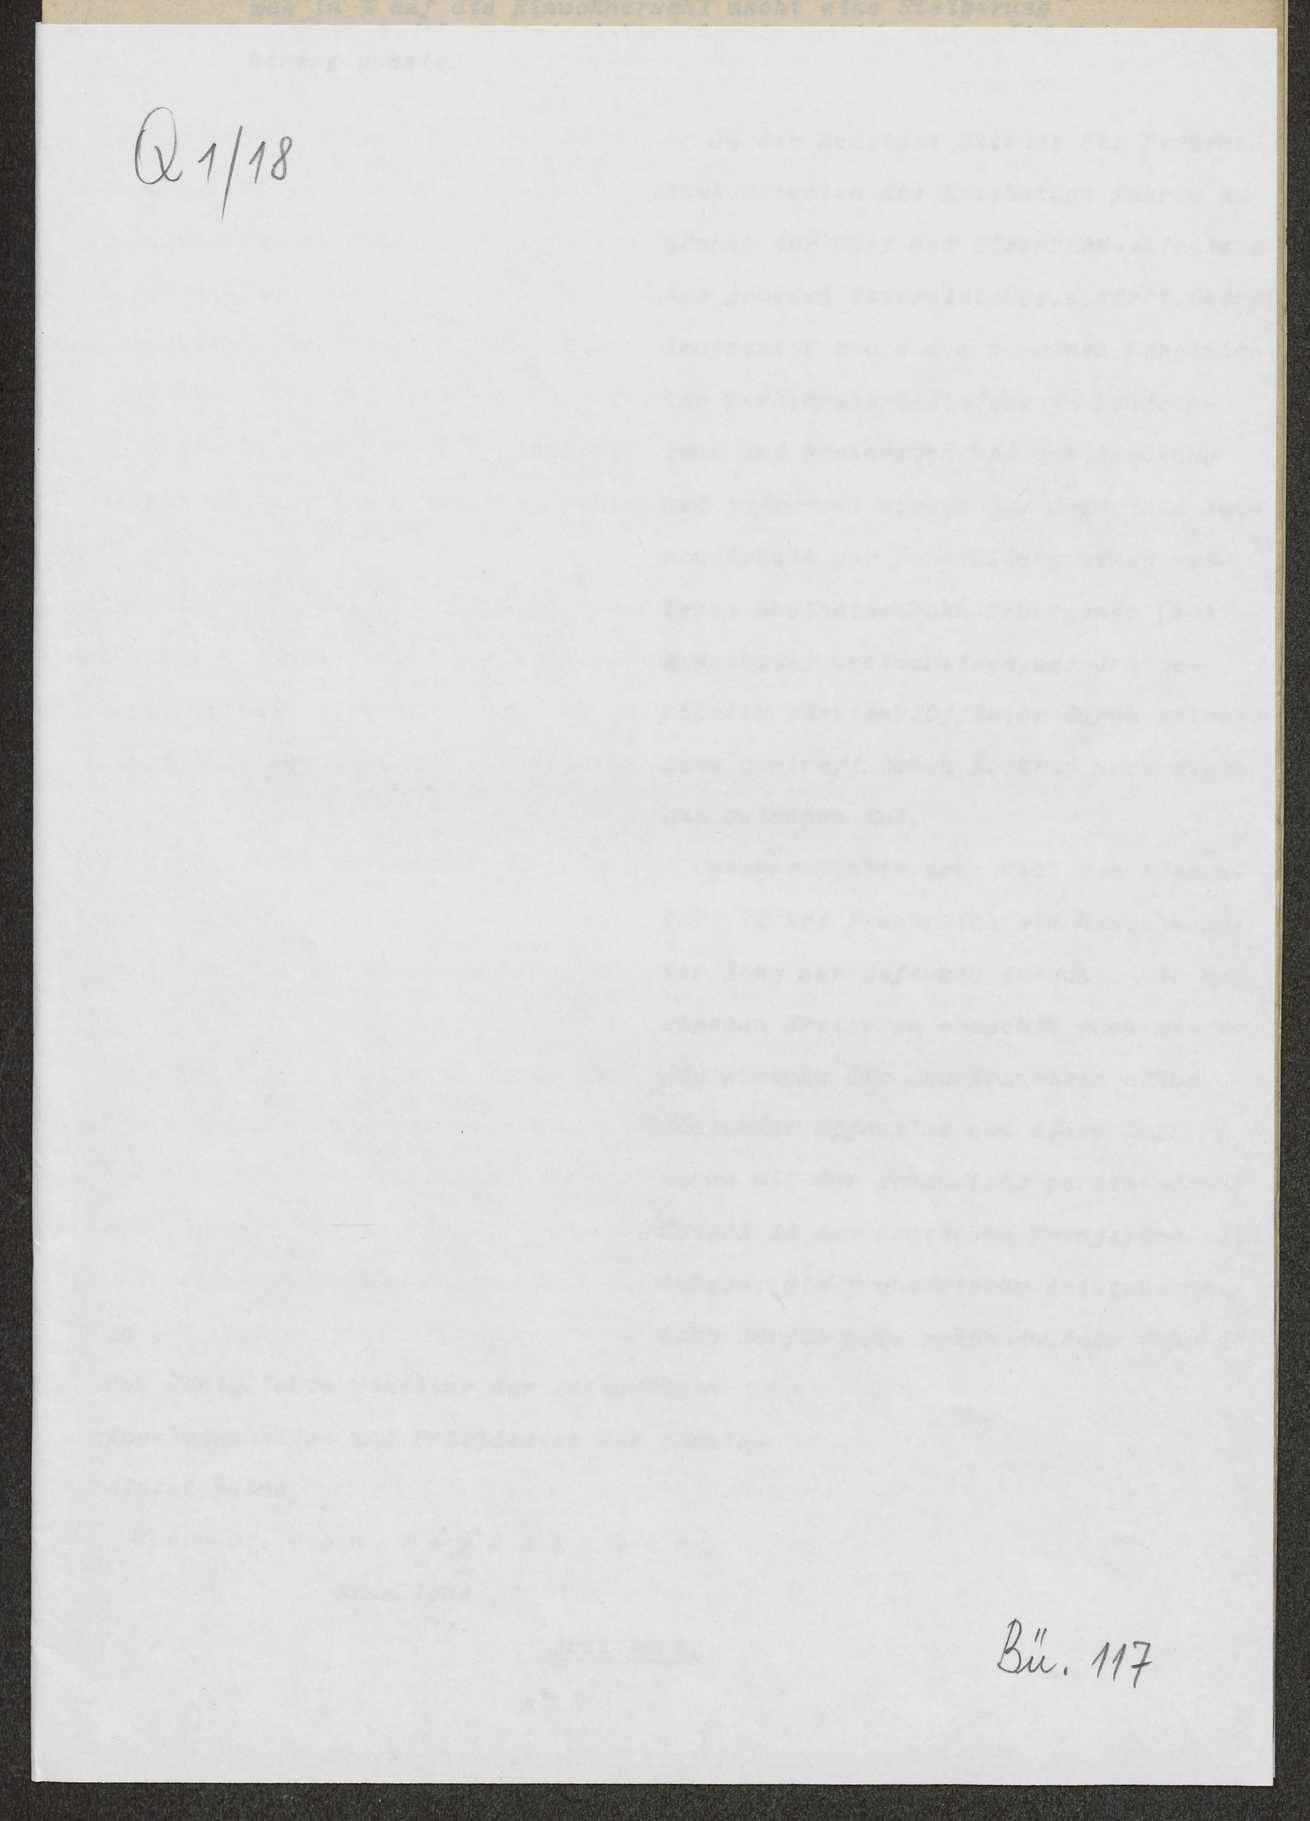 Berichte des württembergischen Militärbevollmächtigten in Berlin (v. Dorrer, v. Graevenitz) an Weizsäcker, Bild 1